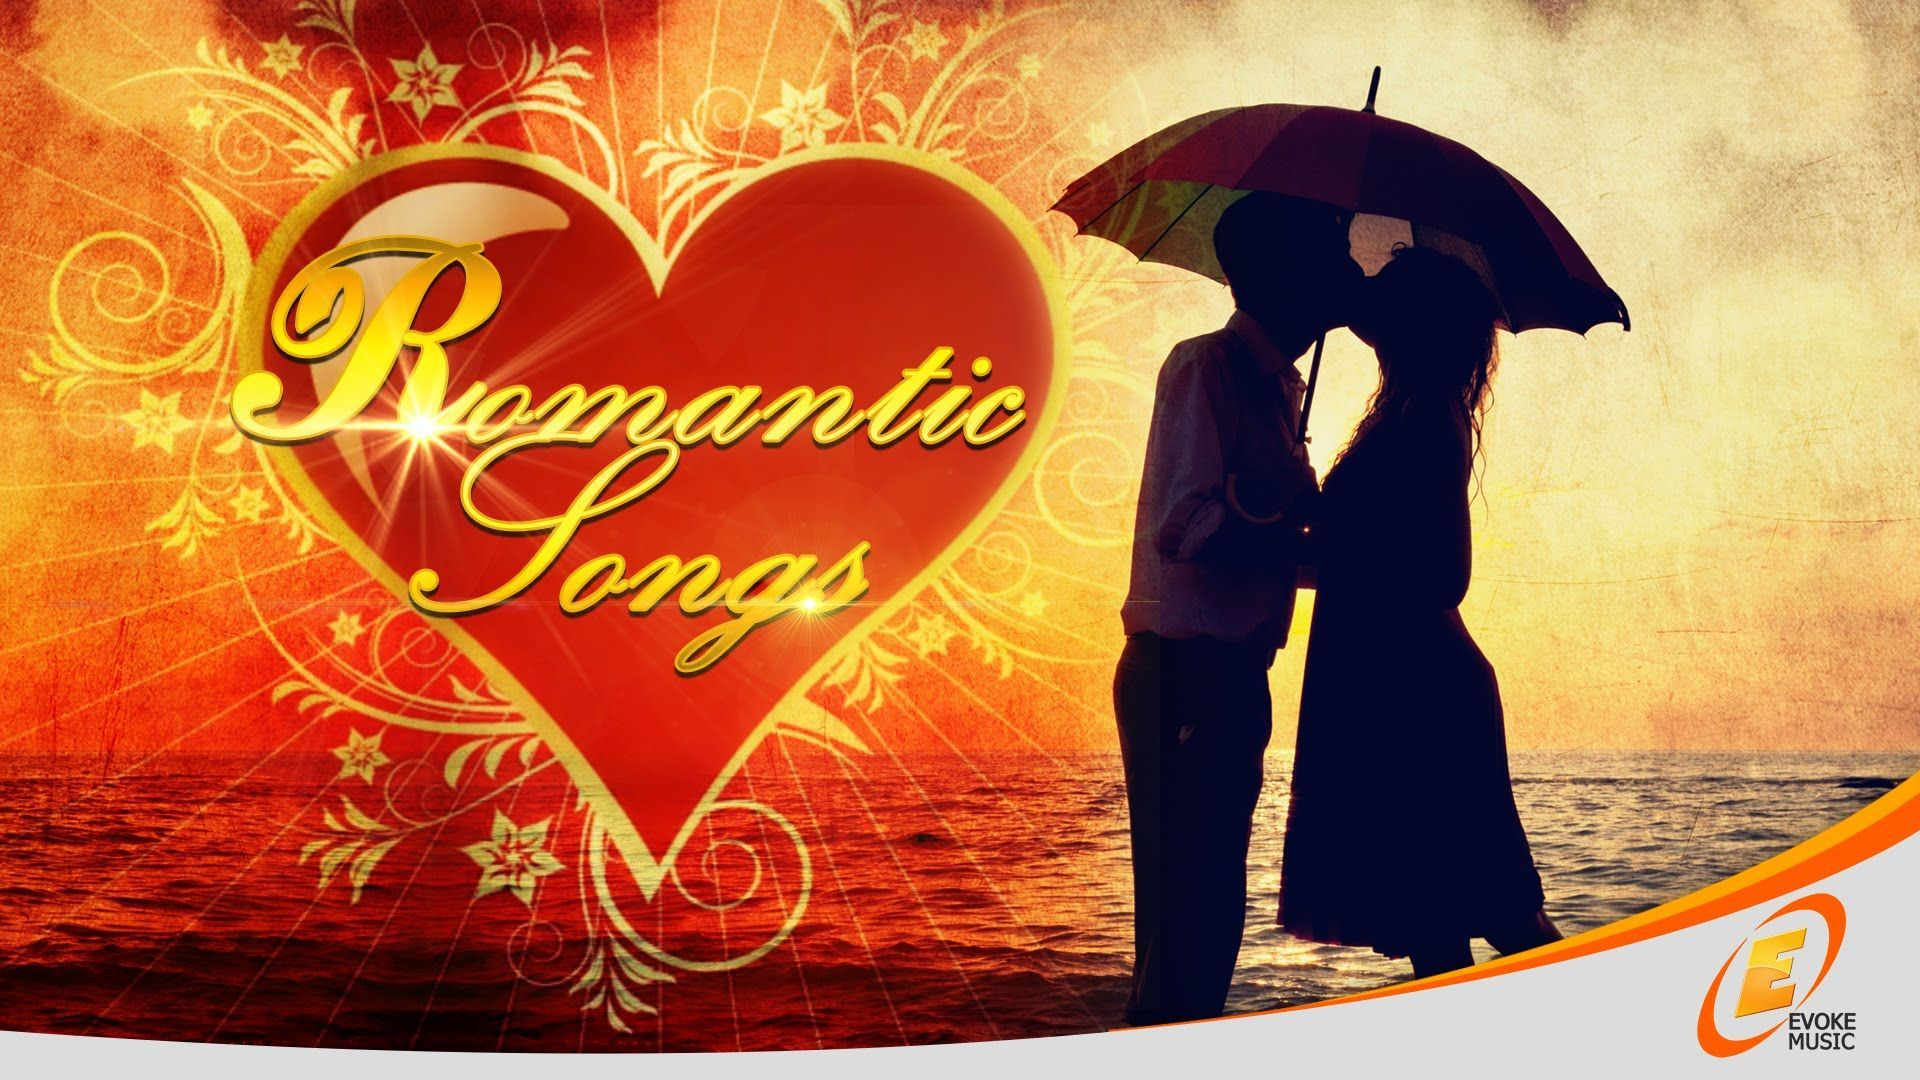 Sinhala Songs Mp3 Free Download Hiru Tv In 2020 Romantic Songs Songs Jukebox